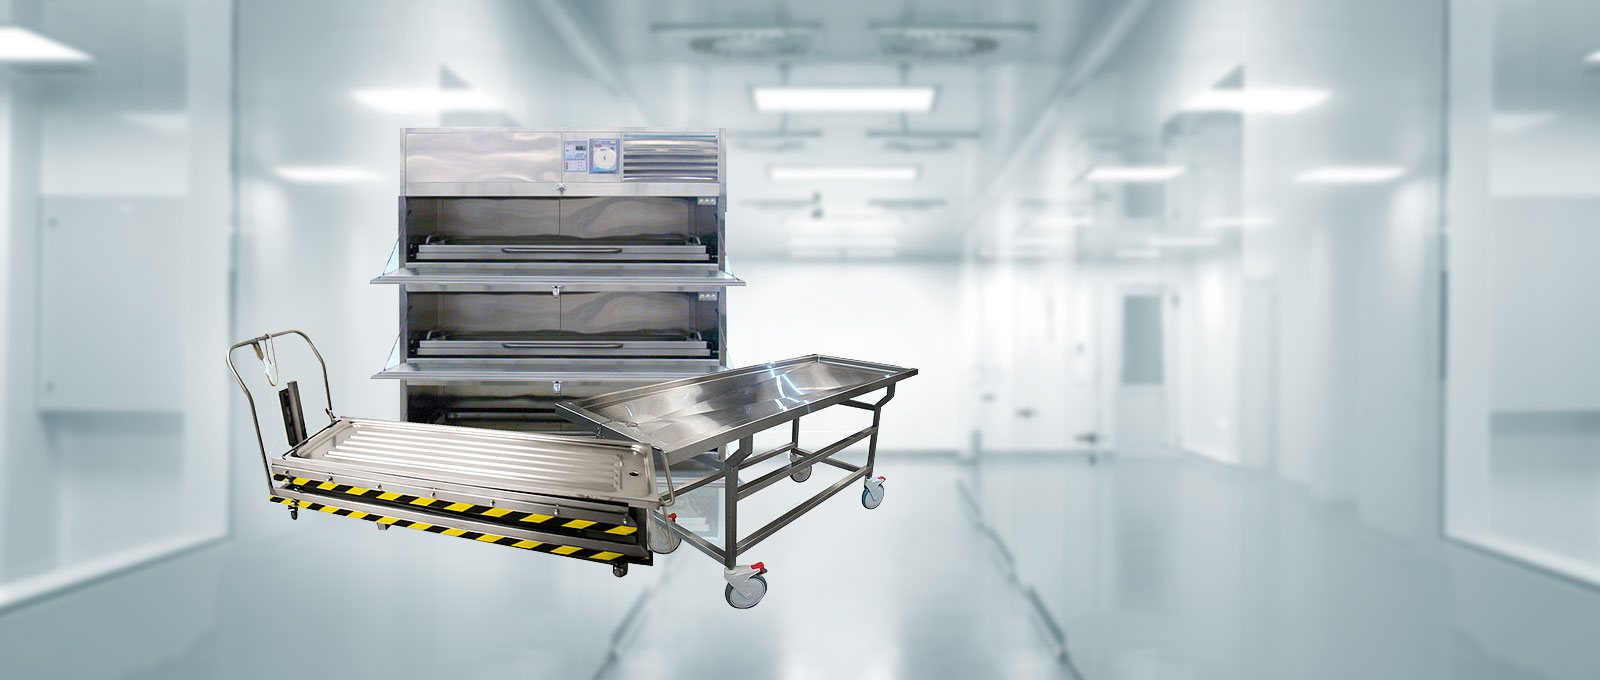 fabricante de equipo forense